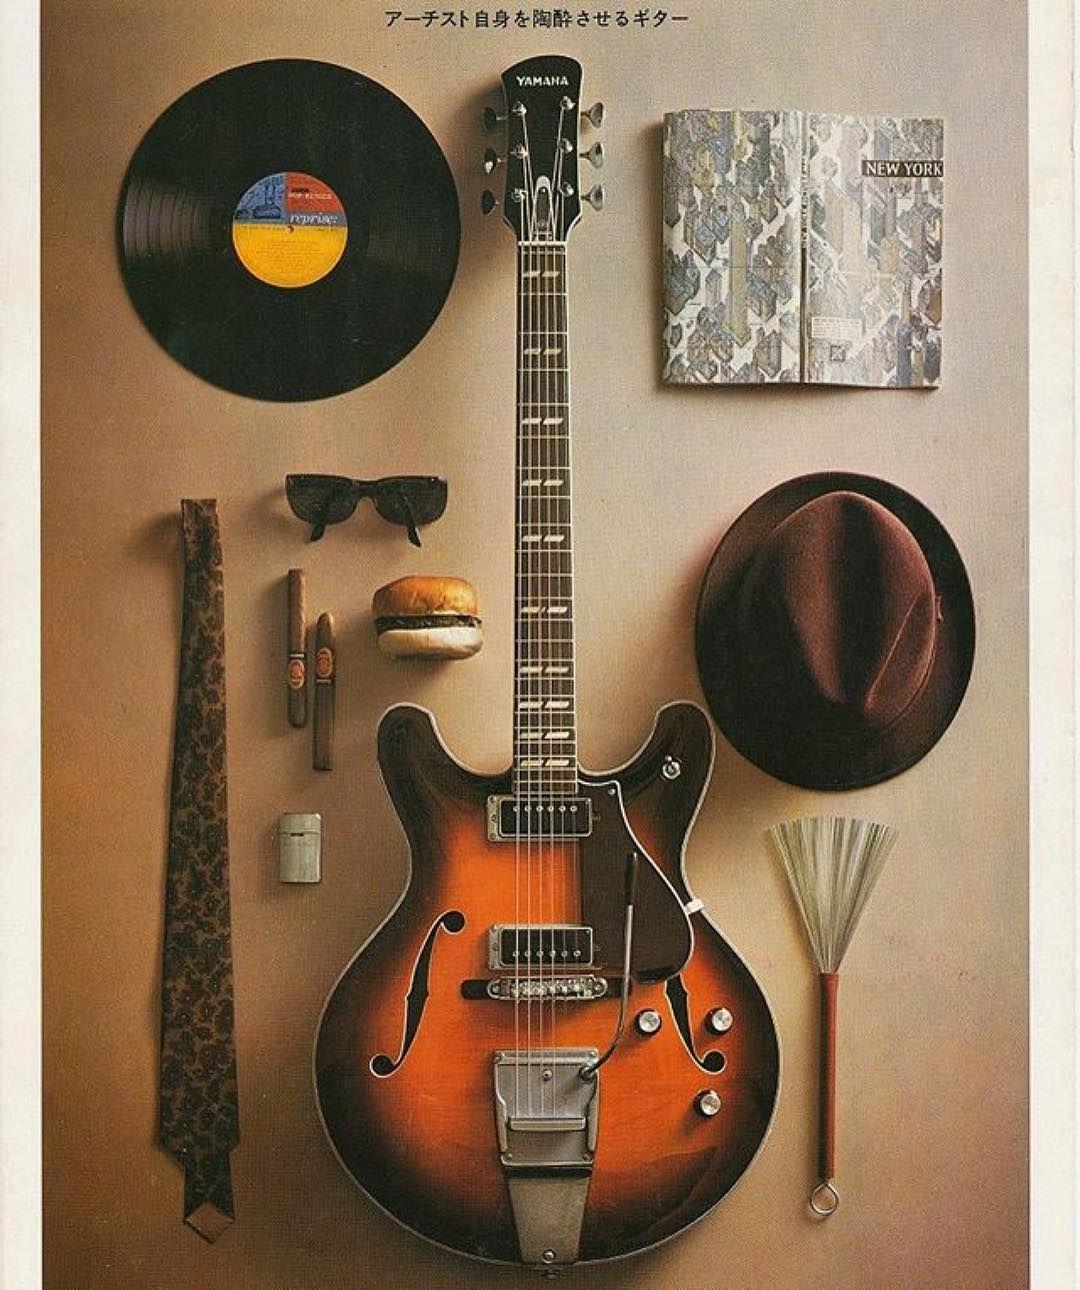 Vintage Yamaha Ad Yamahaguitars Sa50 Vintageads Japan Yamaha Guitar Guitar Yamaha Electric Guitars